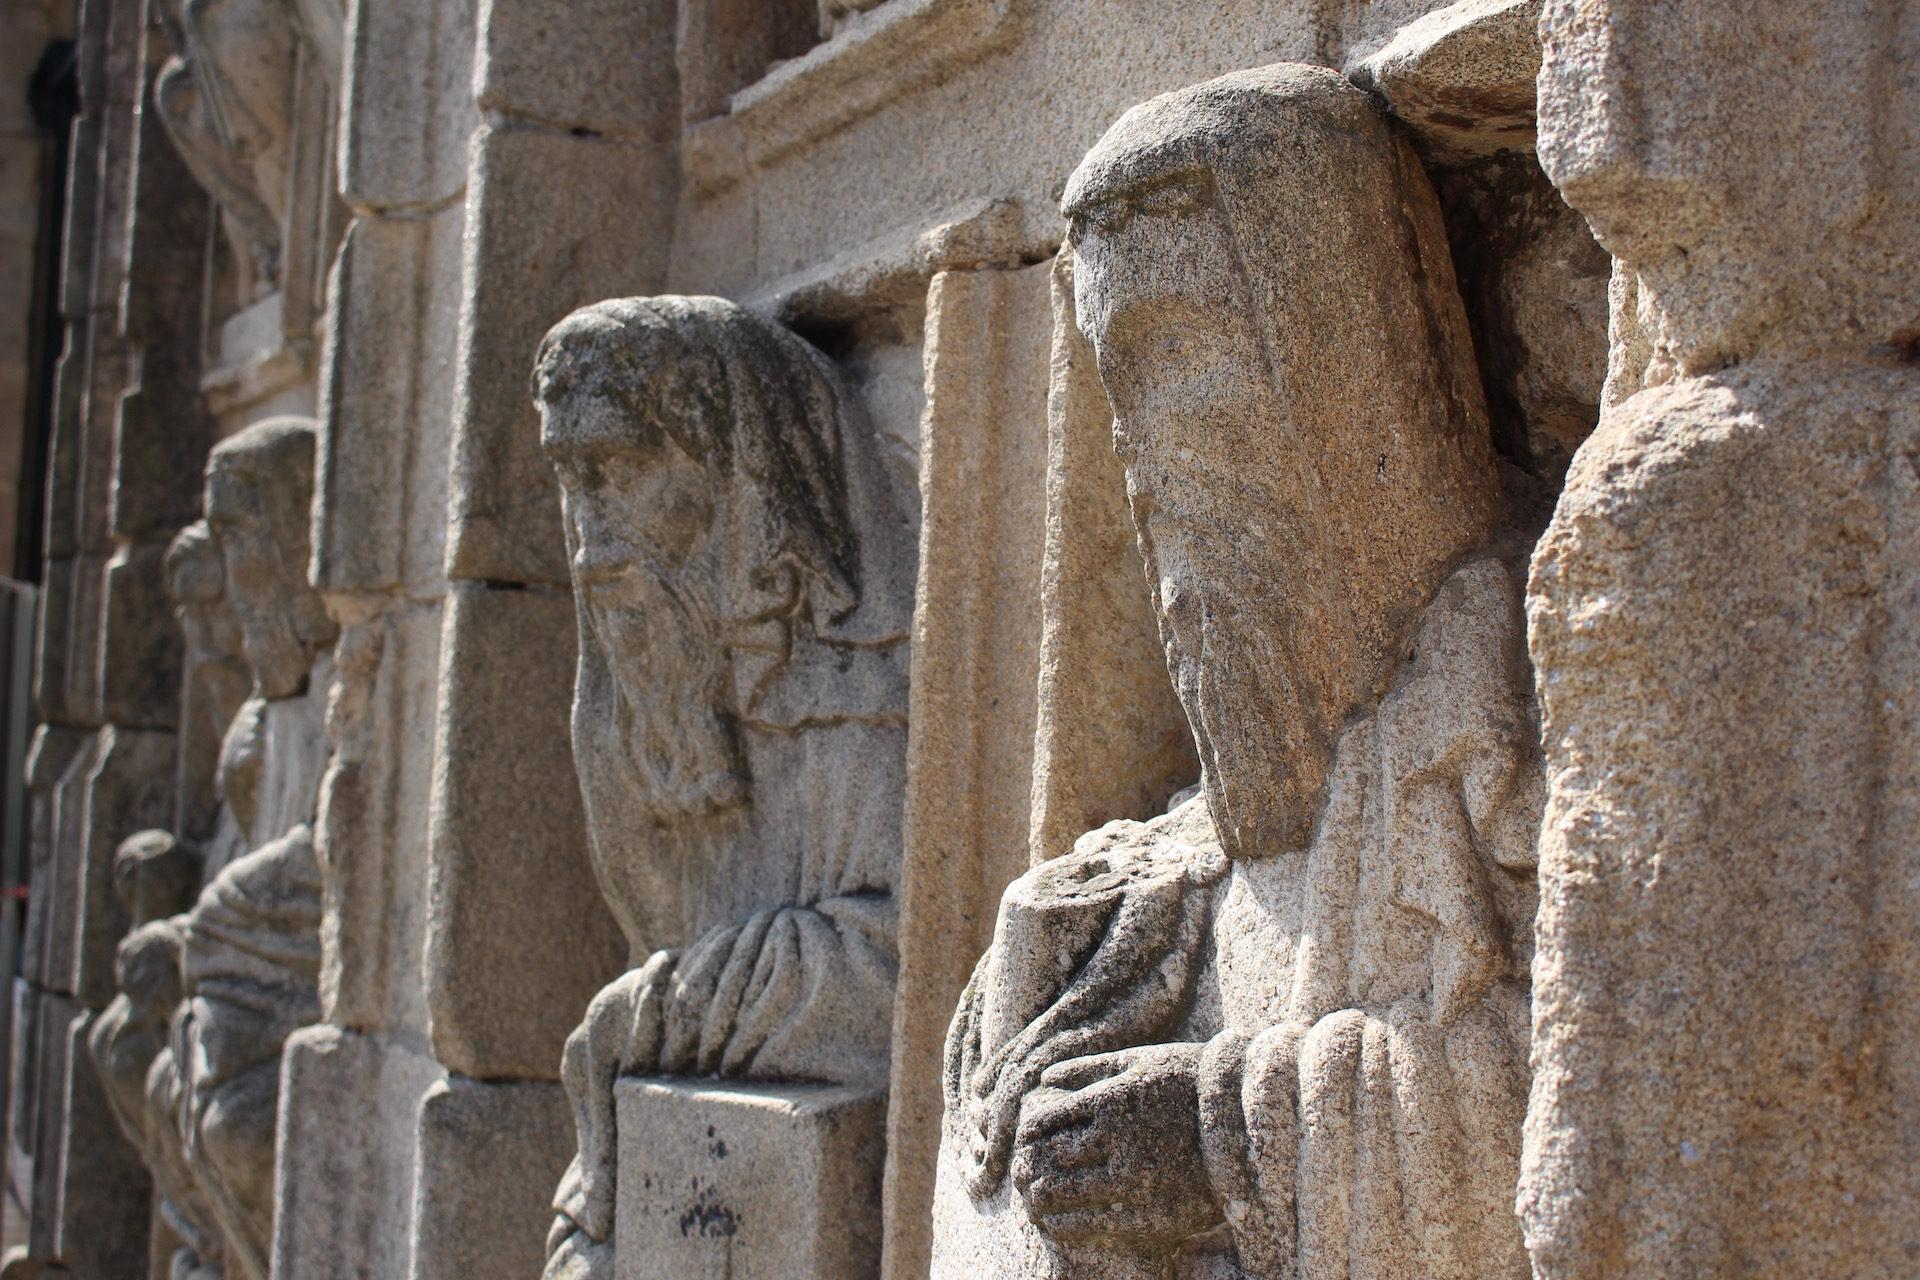 статуэтки, Камень, цифры, Кафедральный собор, Сантьяго-Компостела - Обои HD - Профессор falken.com